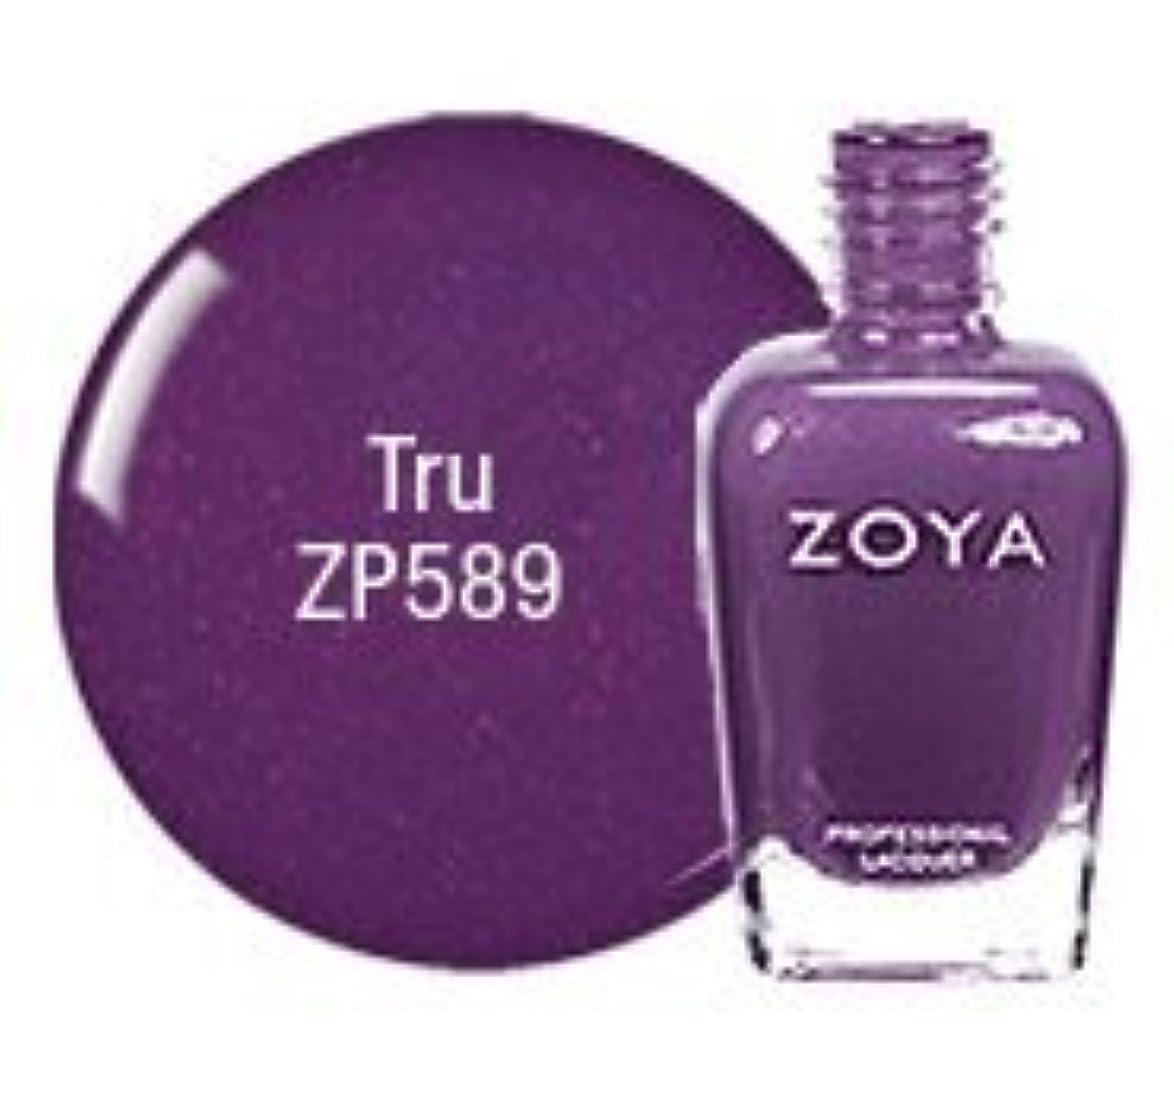 不規則性期待する創造[Zoya] ZP589 ツルー [True Collection][並行輸入品][海外直送品]